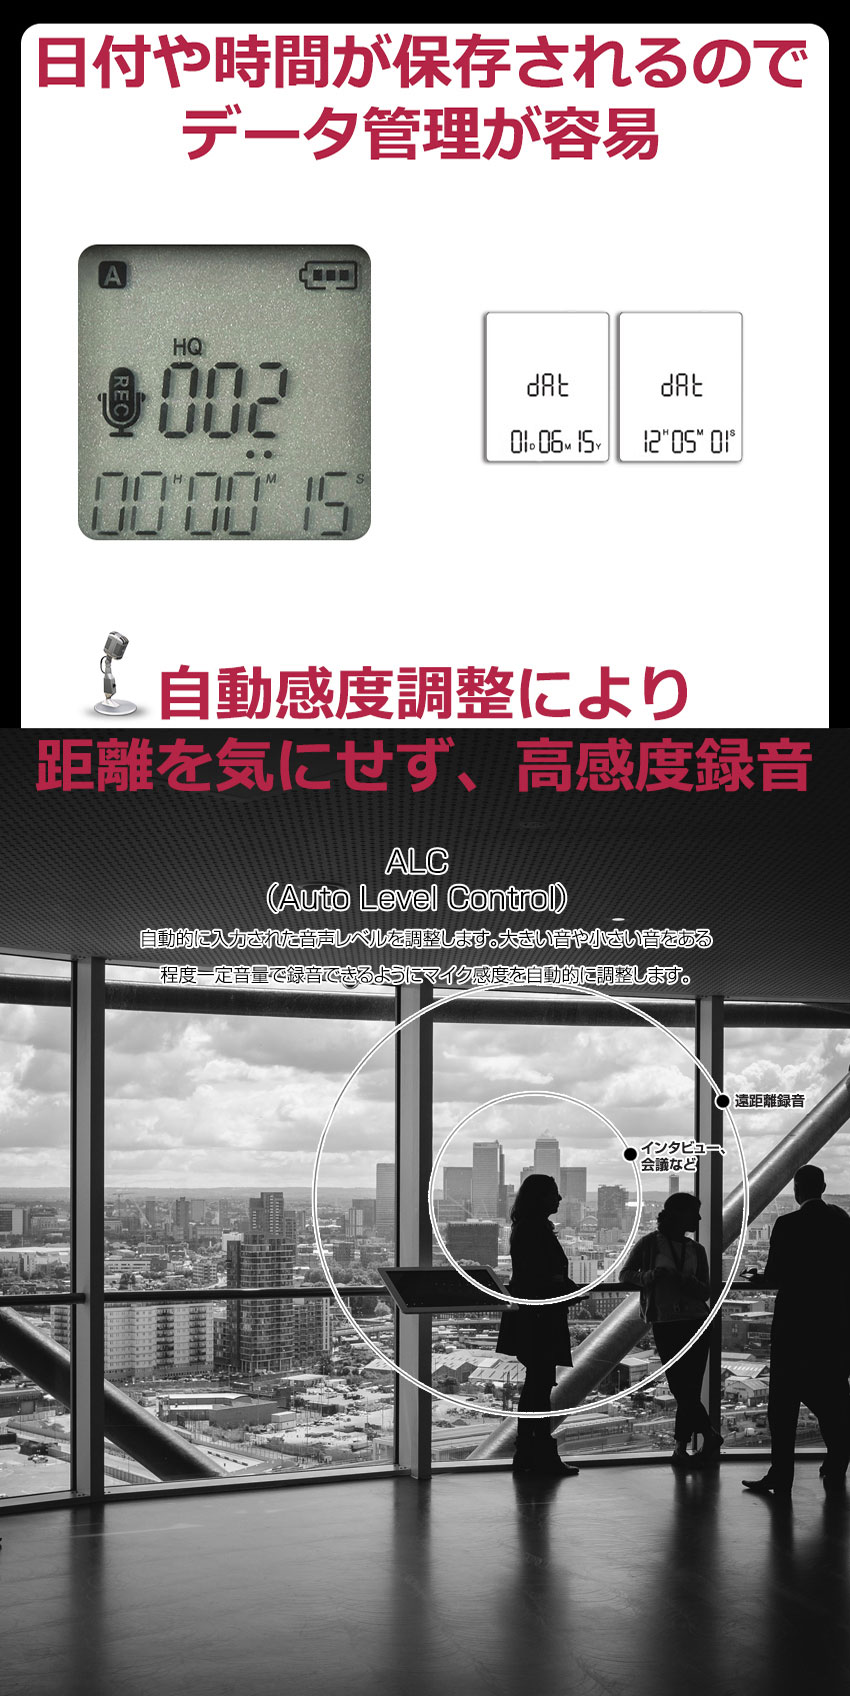 日付や時間が保存されるのでデータ管理が容易。仕掛け録音ボイスレコーダー 8GB | TOP-10